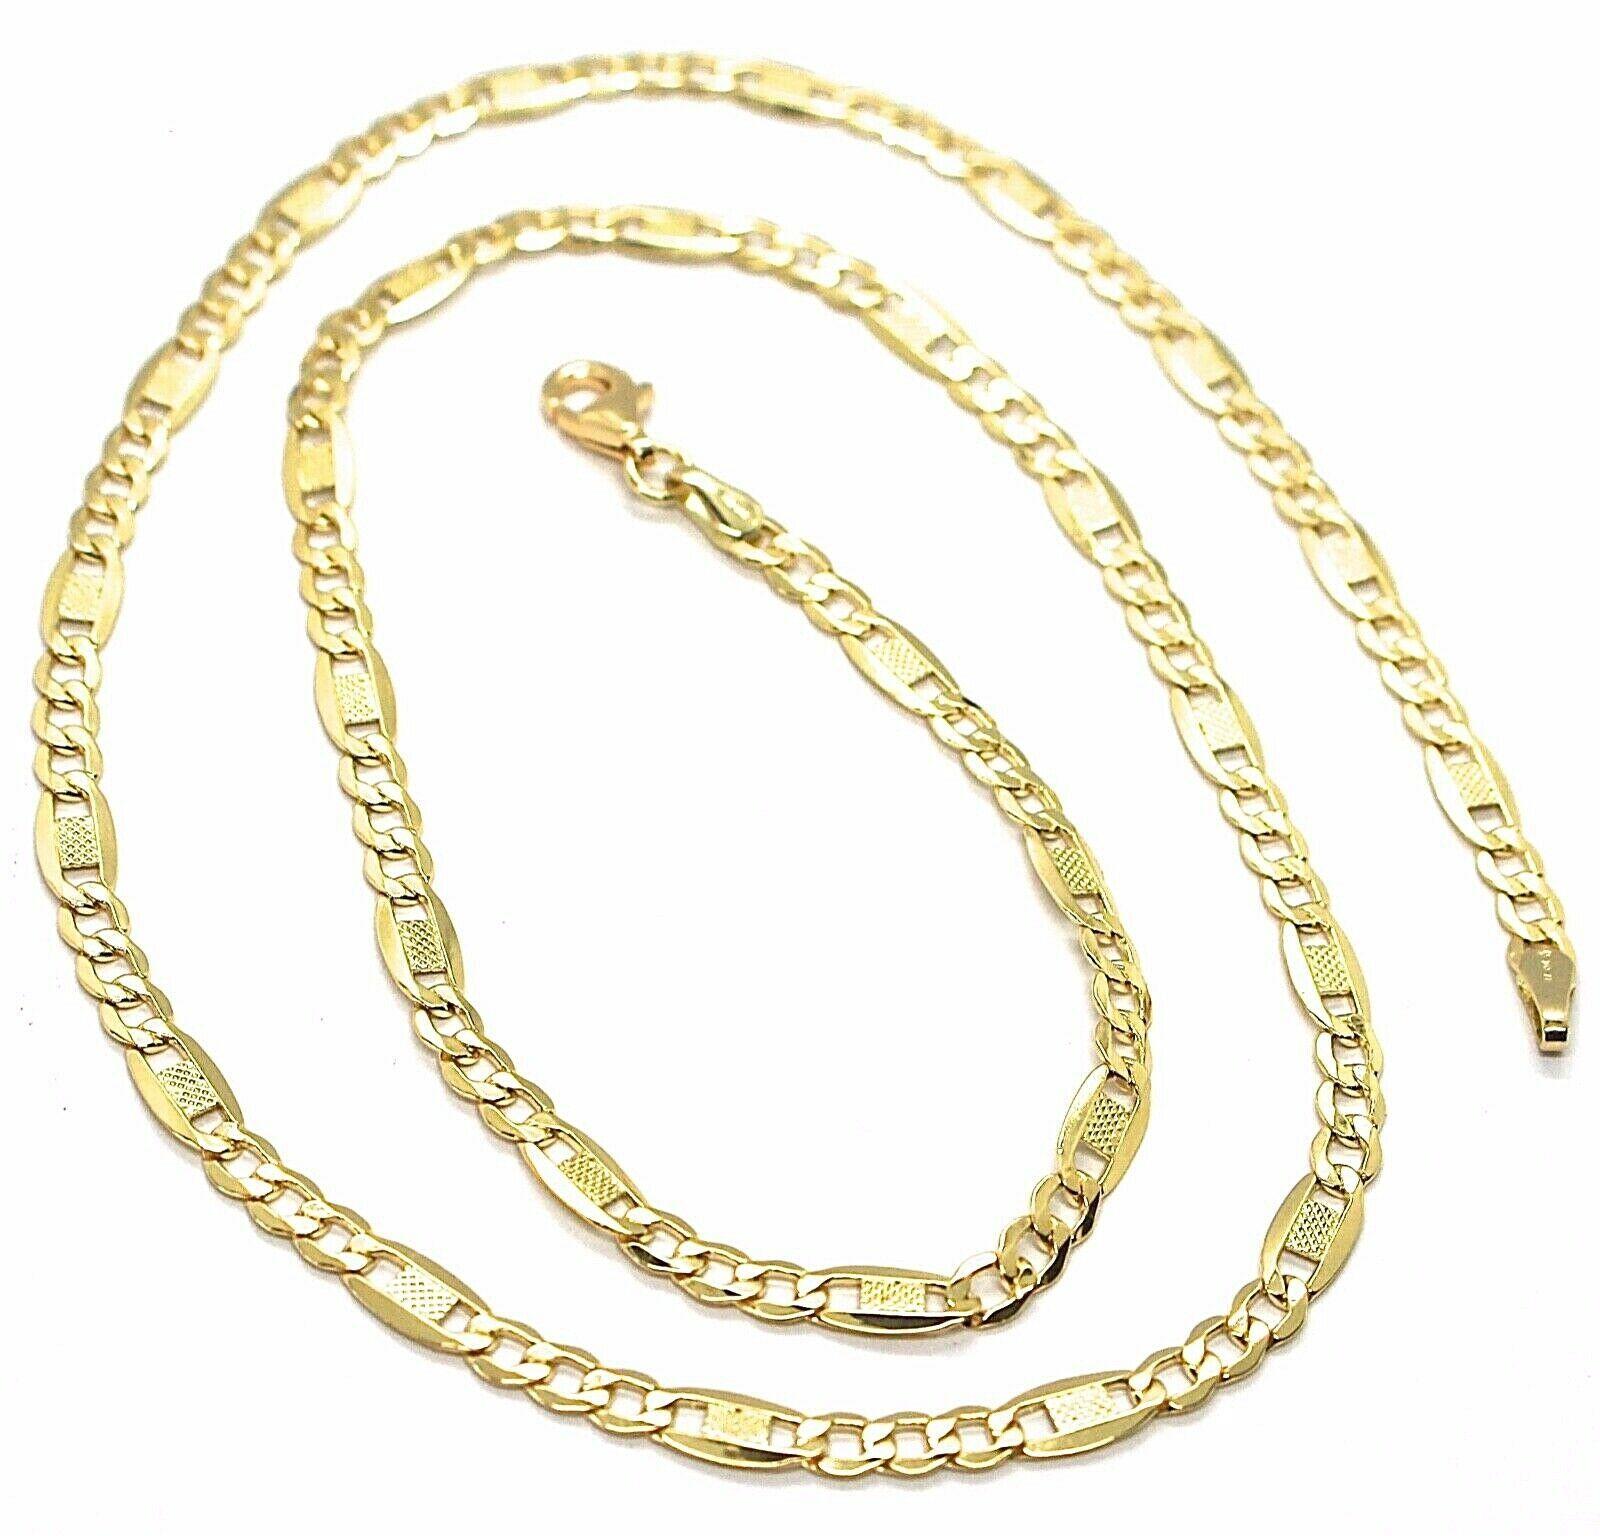 Kette Gelbgold 18K 750, 50 cm, Curb Chain Damen Wohnung und Platten